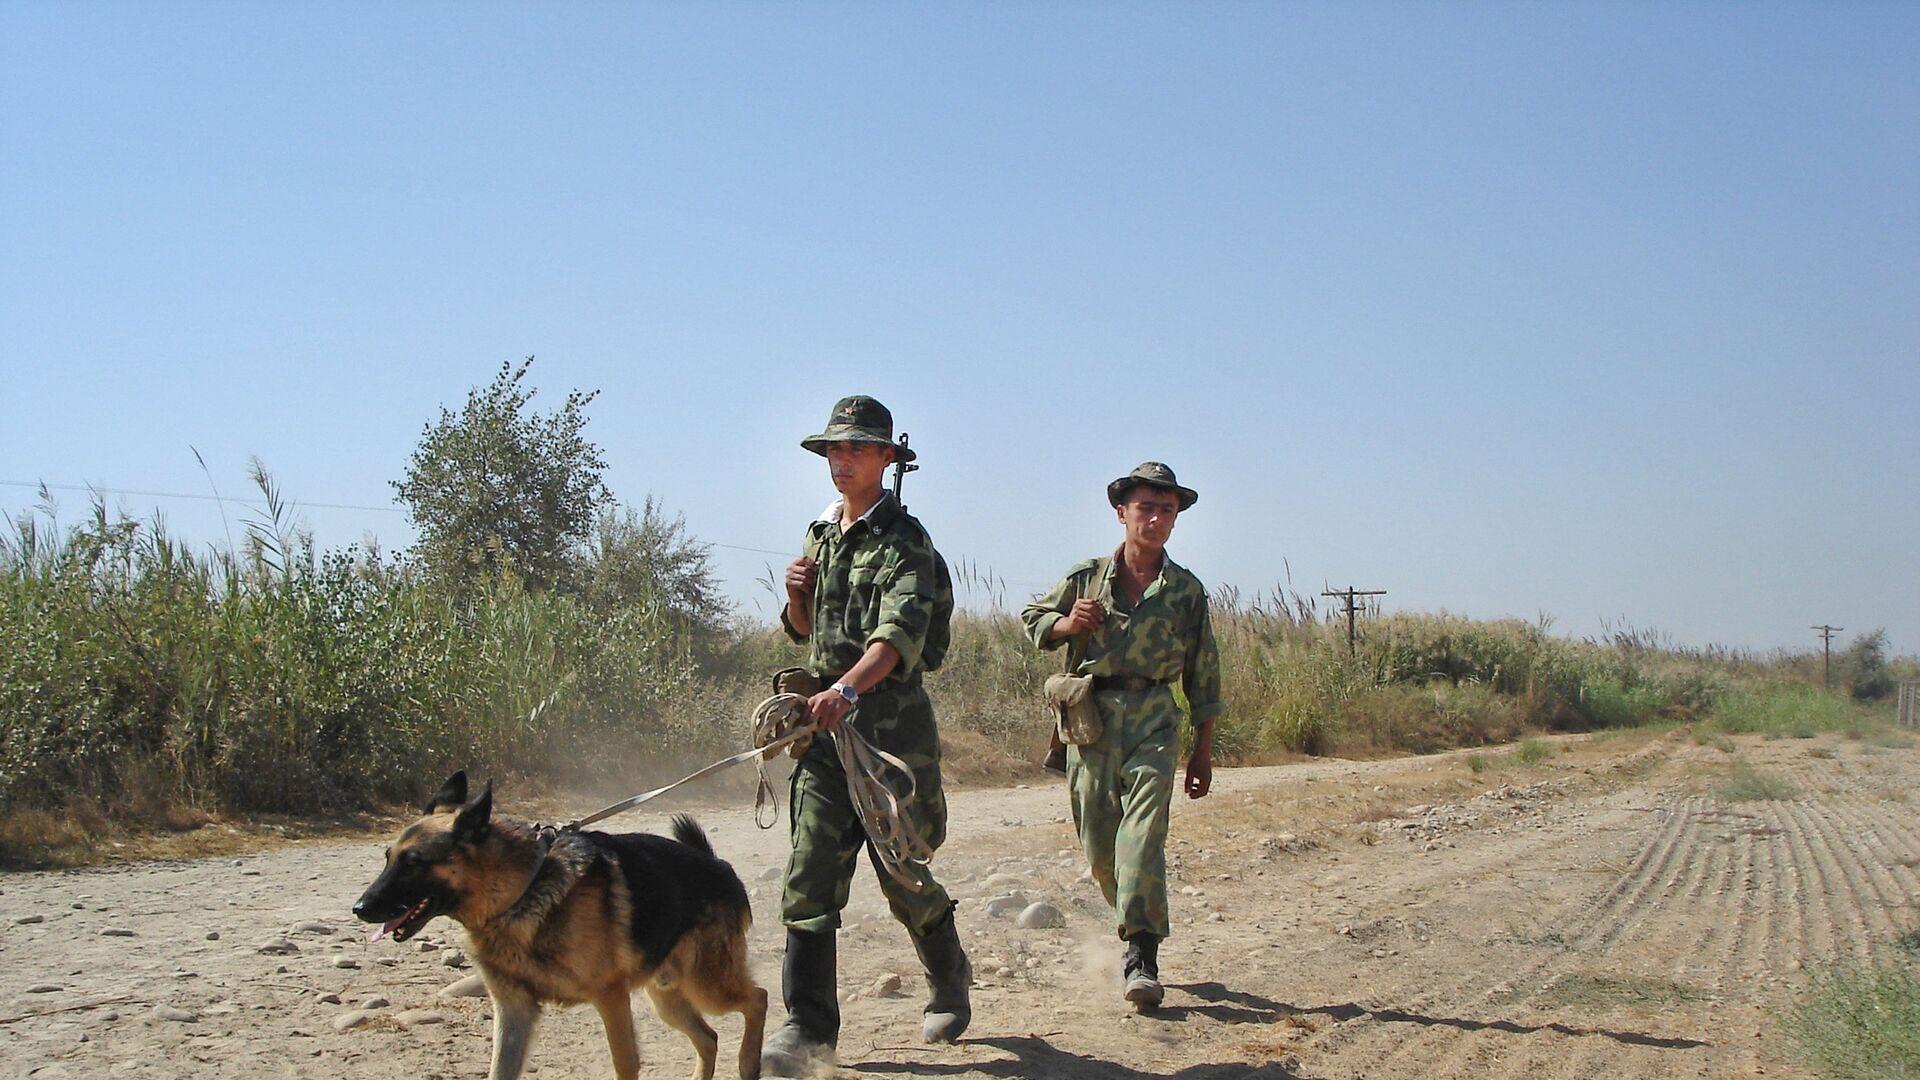 Таджикские пограничники на таджикско-афганской границе. Архивное фото - Sputnik Таджикистан, 1920, 07.06.2021